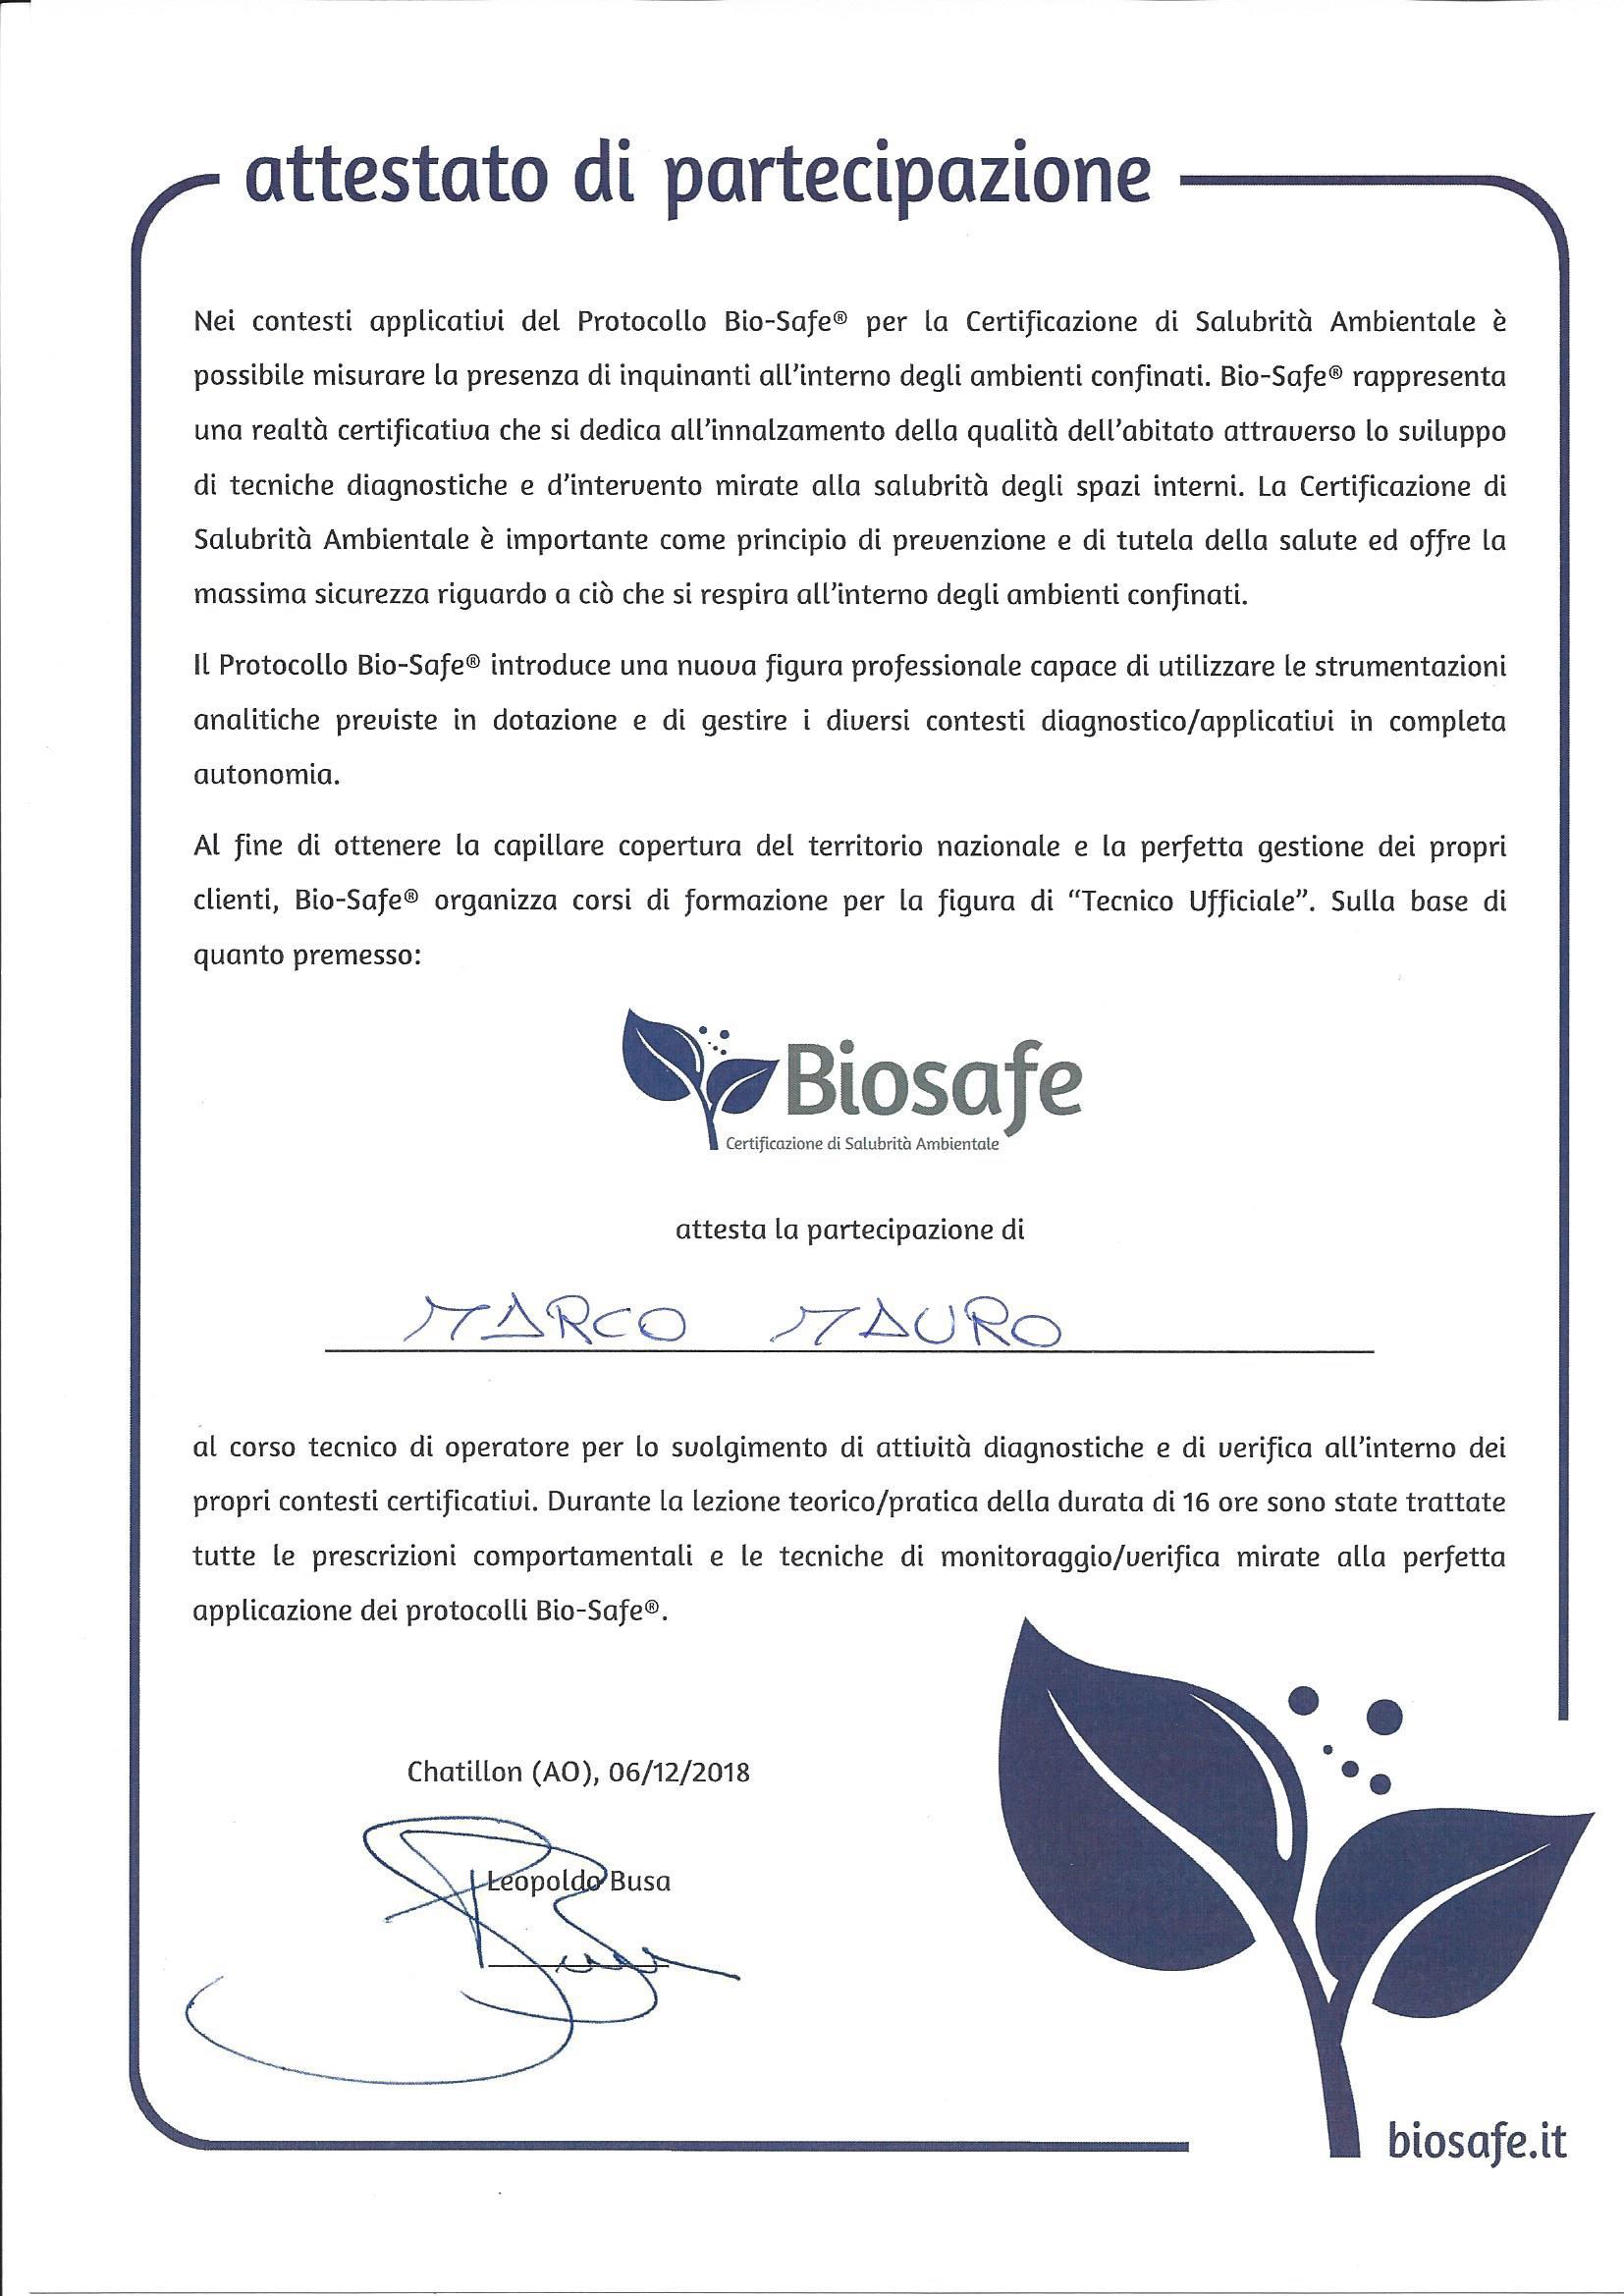 BioSafe tecnico abilitato